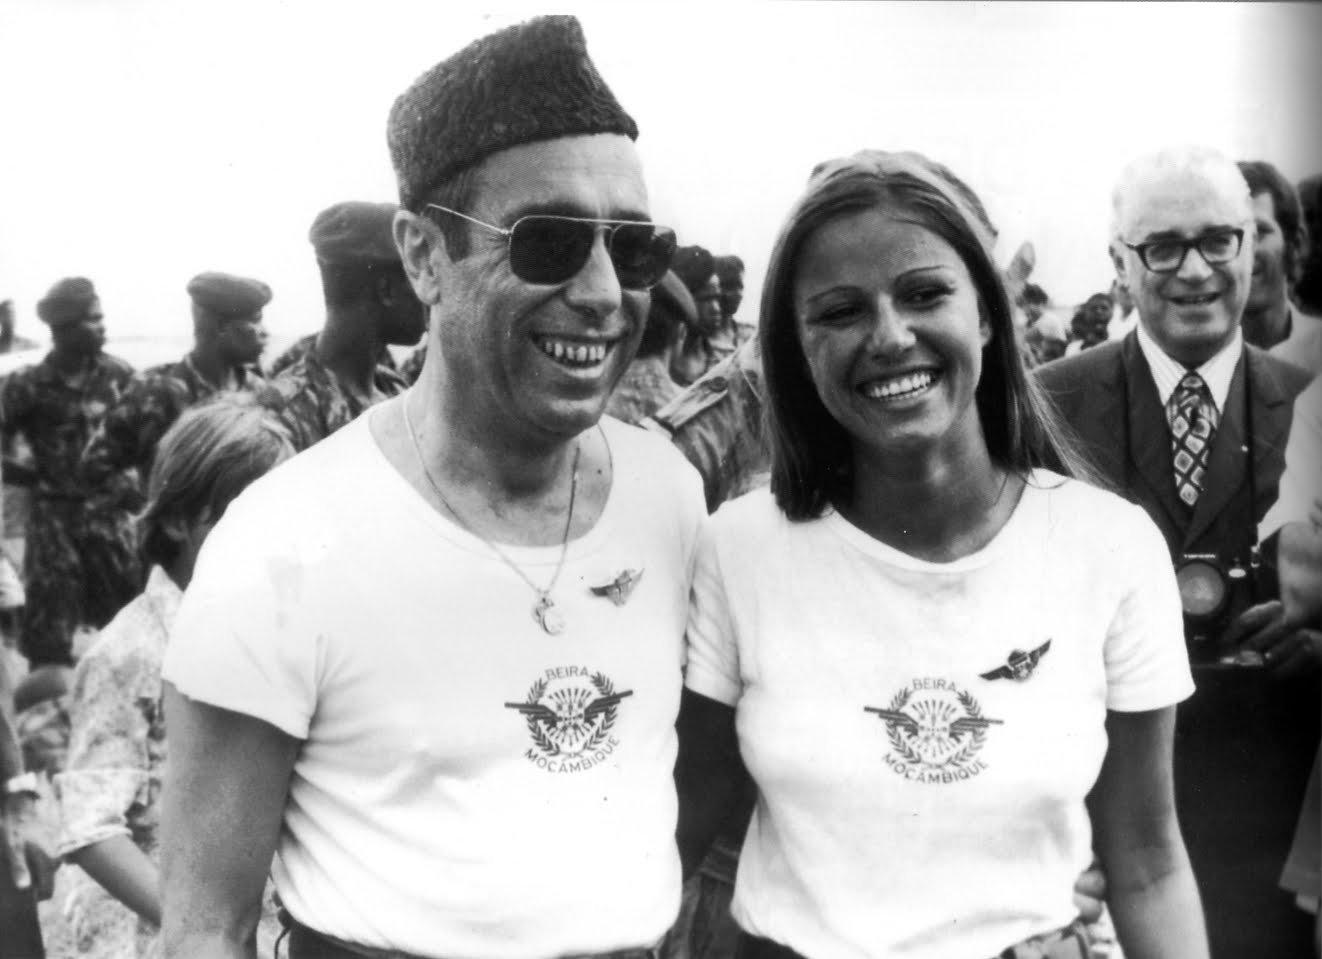 Jorge Jardim com a filha Carmo Jardim